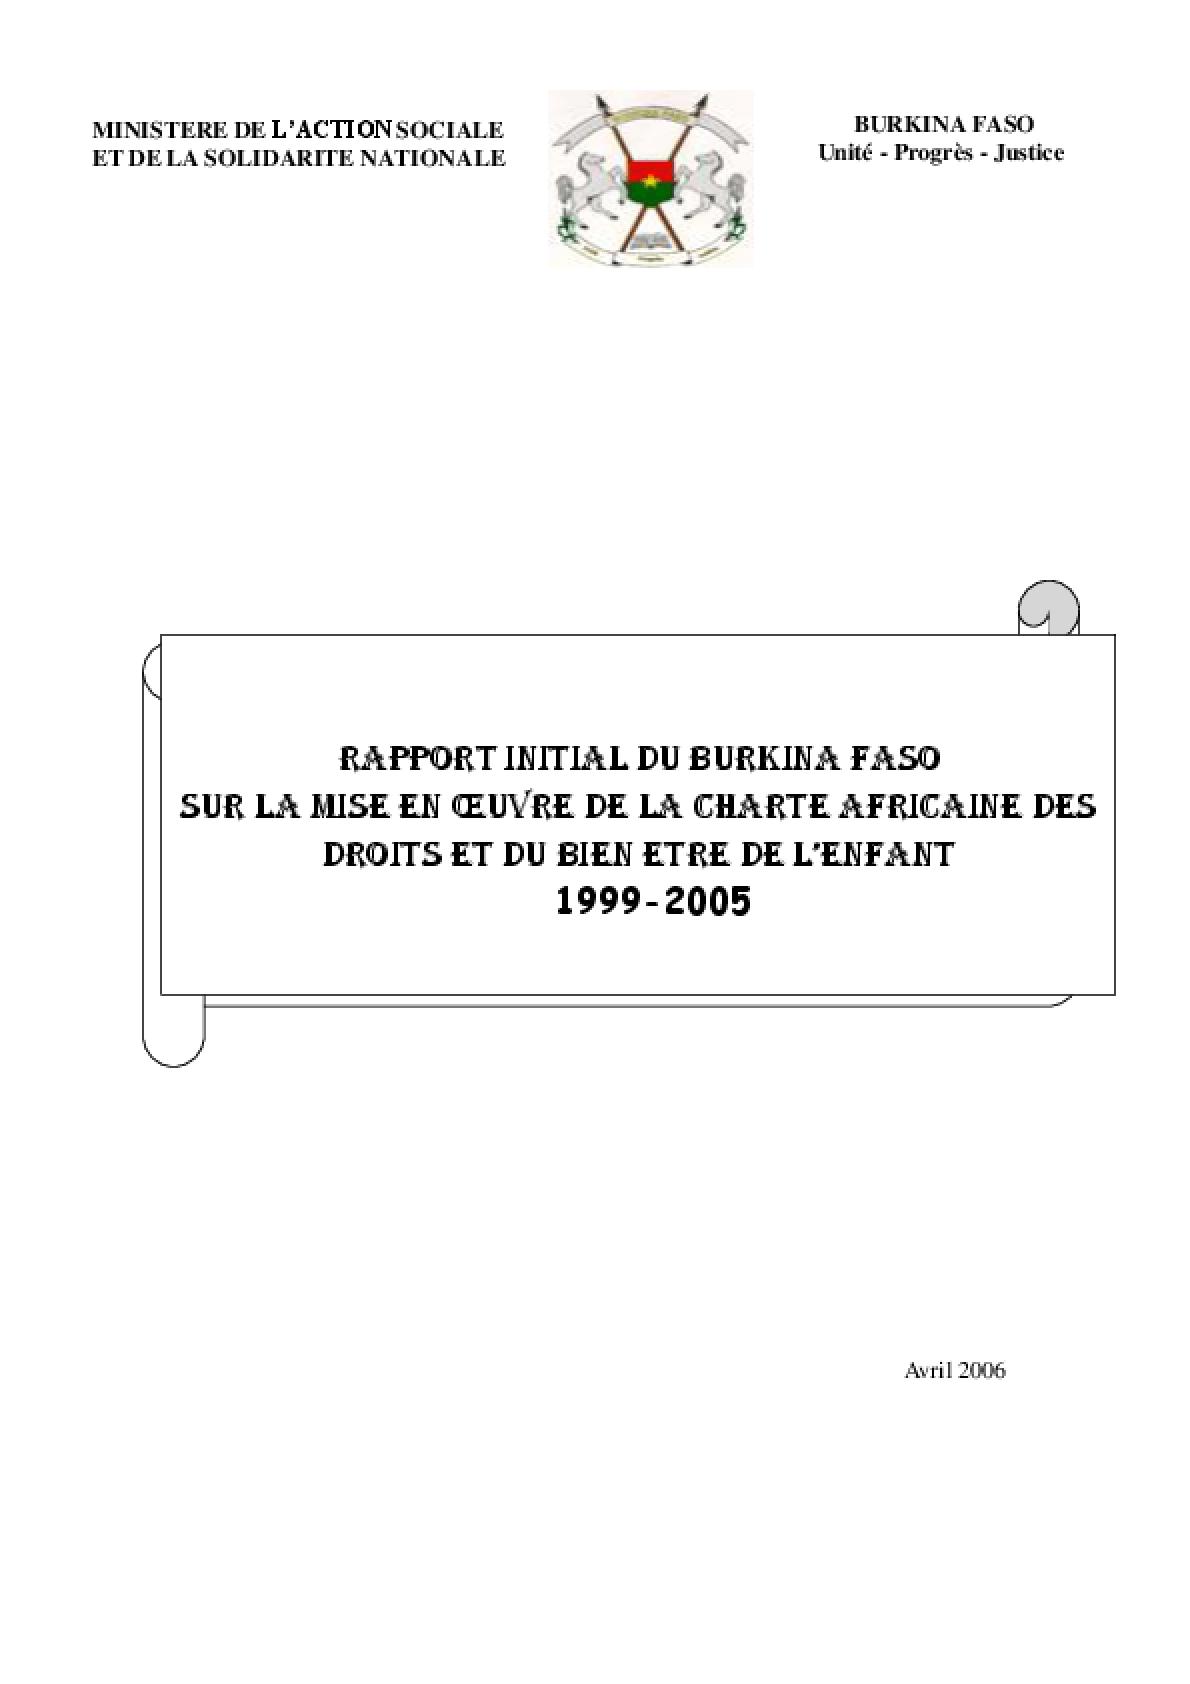 Rapport Initial du Burkina Faso Sur la Mise en œuvre de la Charte Africaine des Droits et du Bien-être de L'enfant 1999-2005